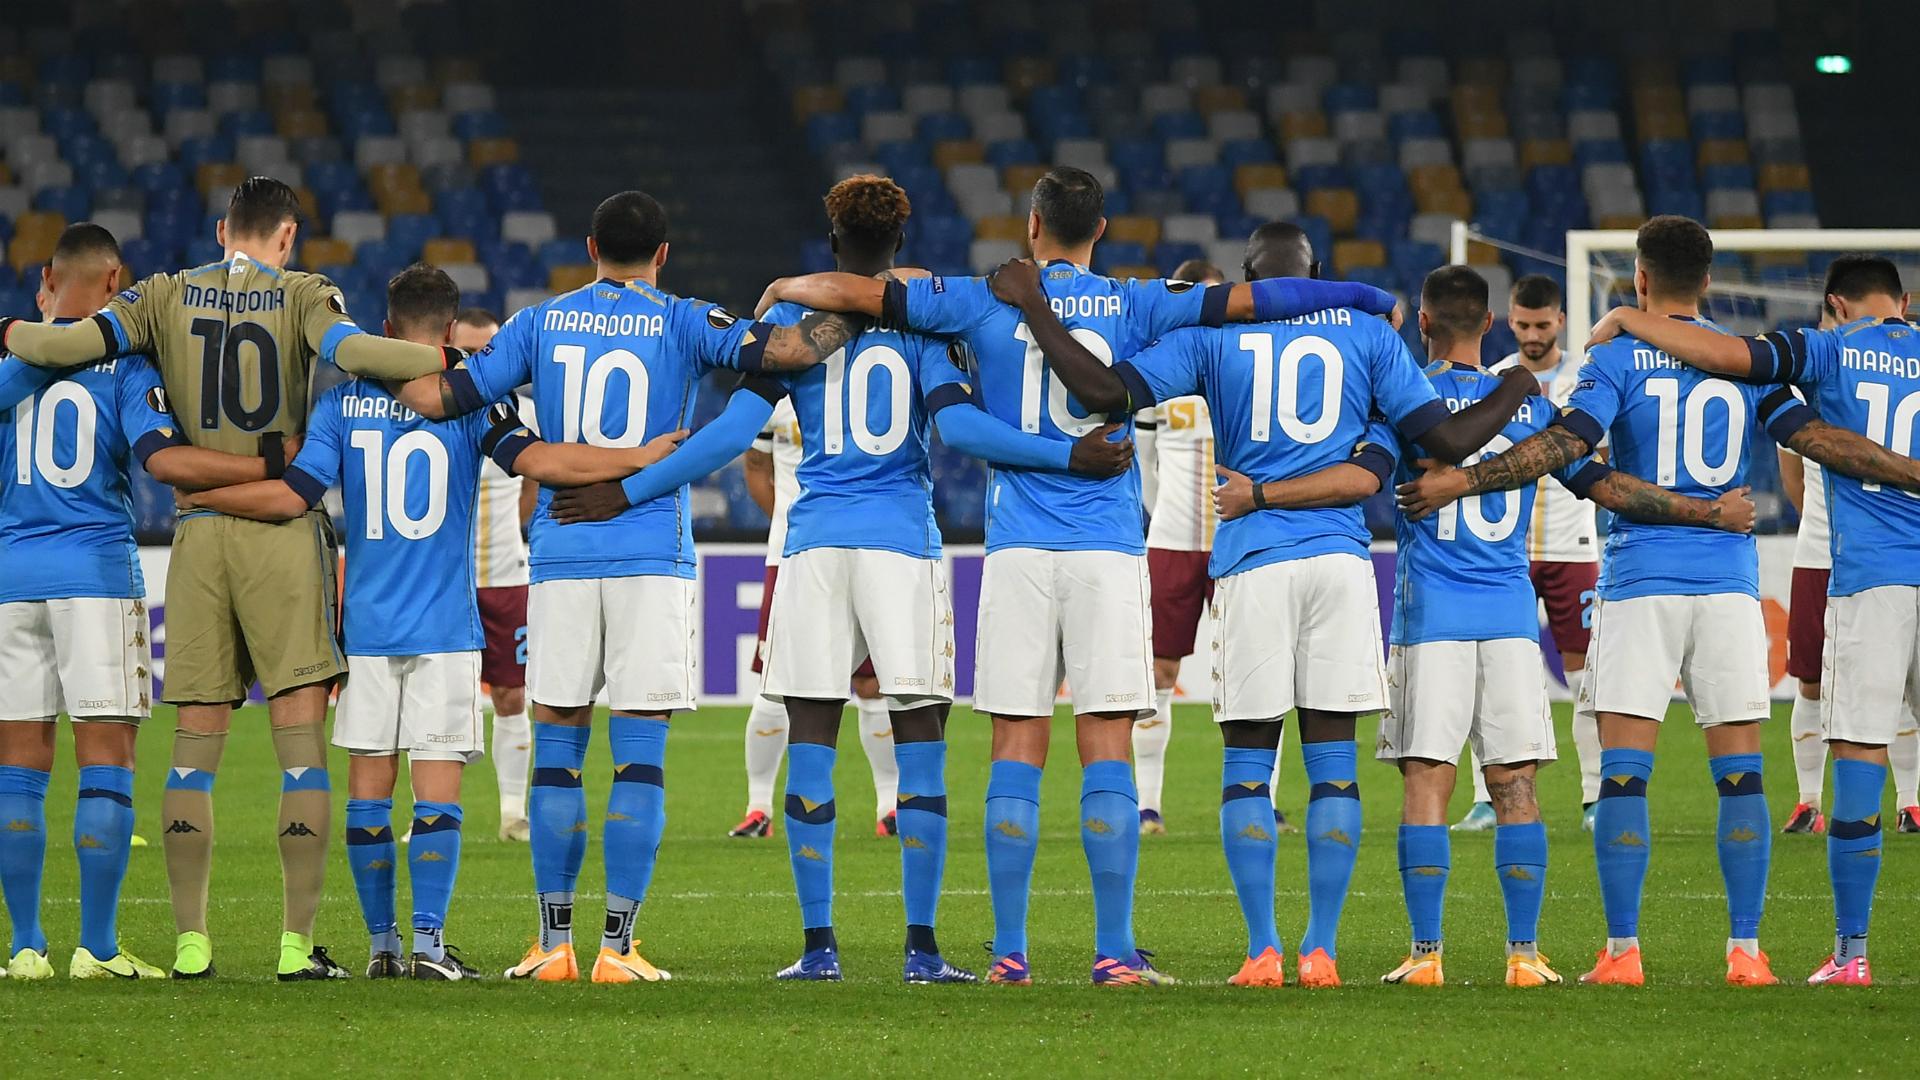 Diego Maradona dies: 'Tough to pull that shirt on', says Napoli's all-time leading scorer Mertens